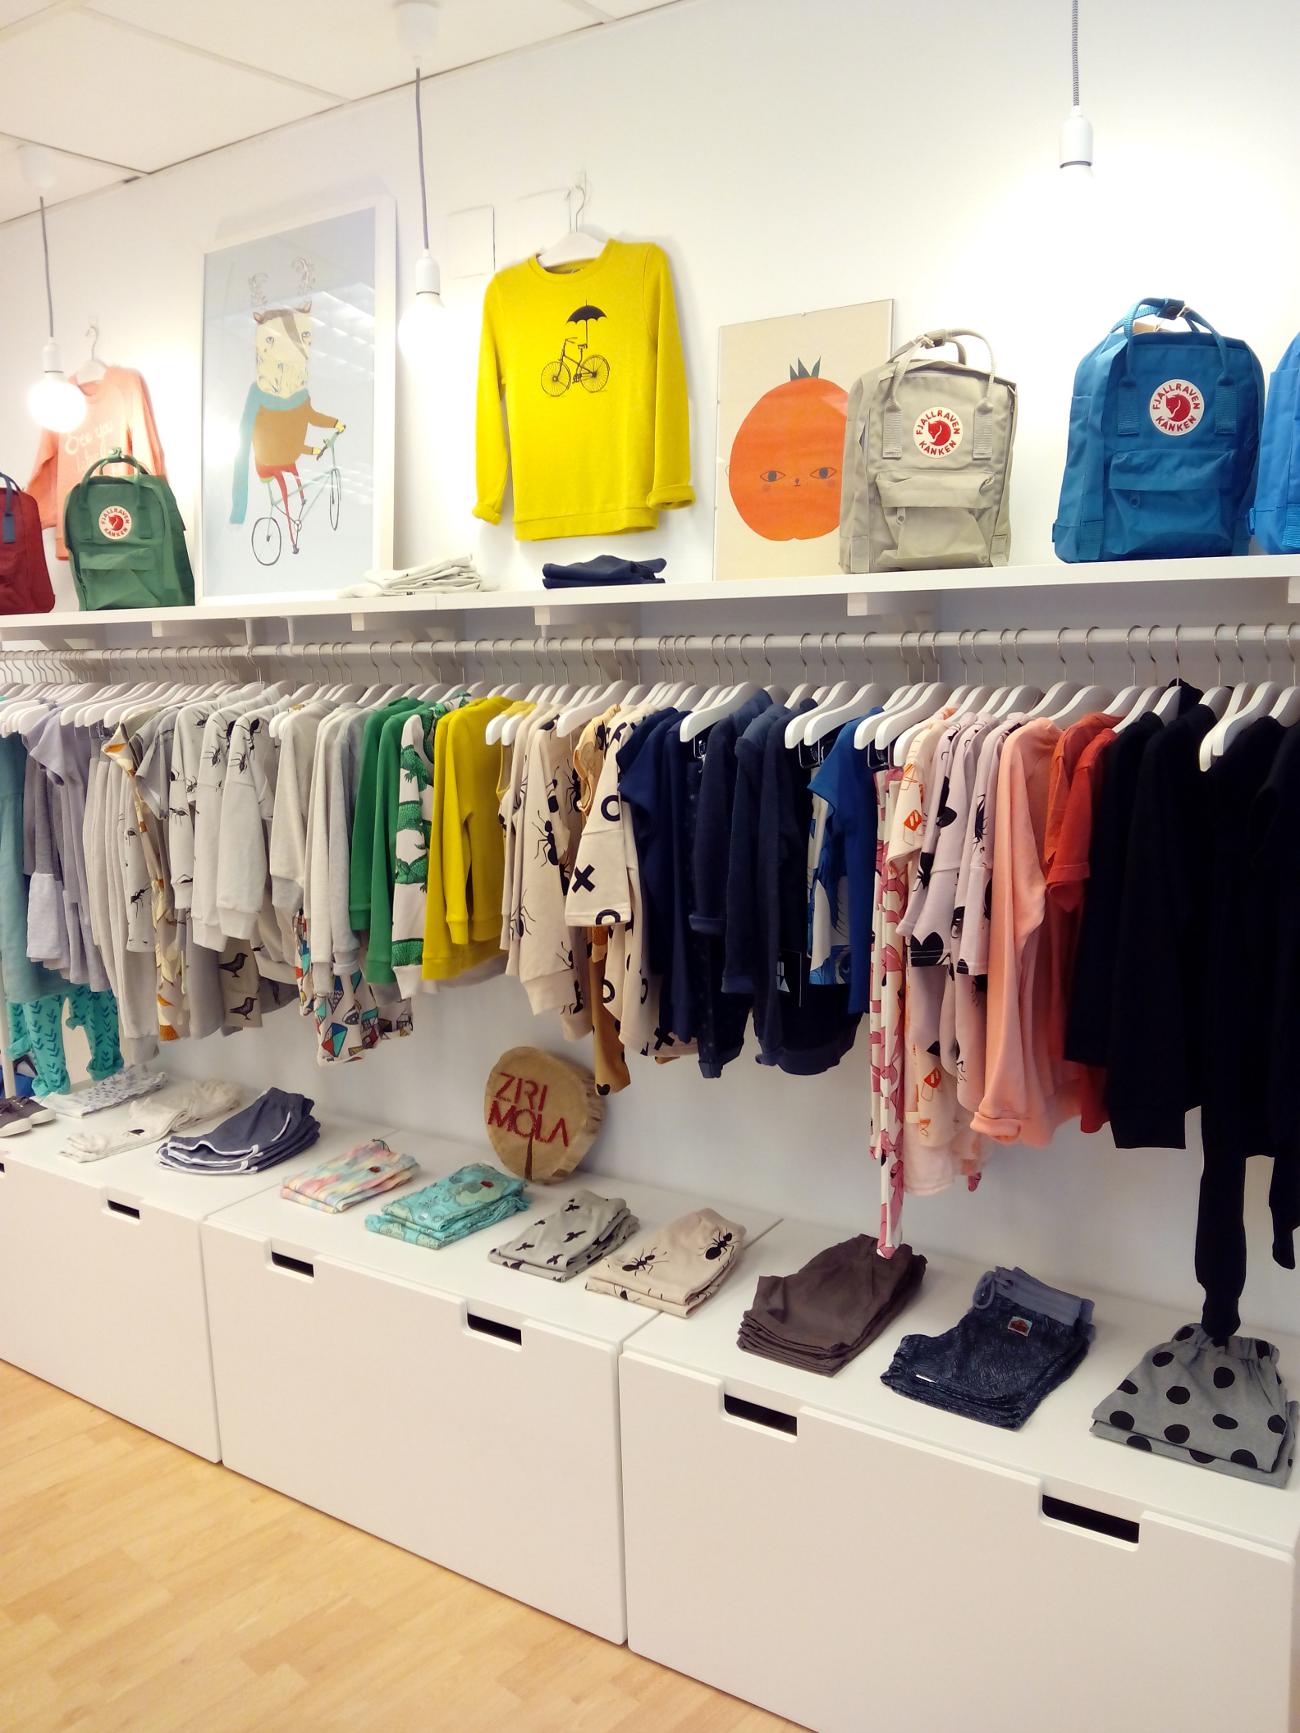 Zirimola eco shop Tienda de moda y accesorios para bebes y niños www ...